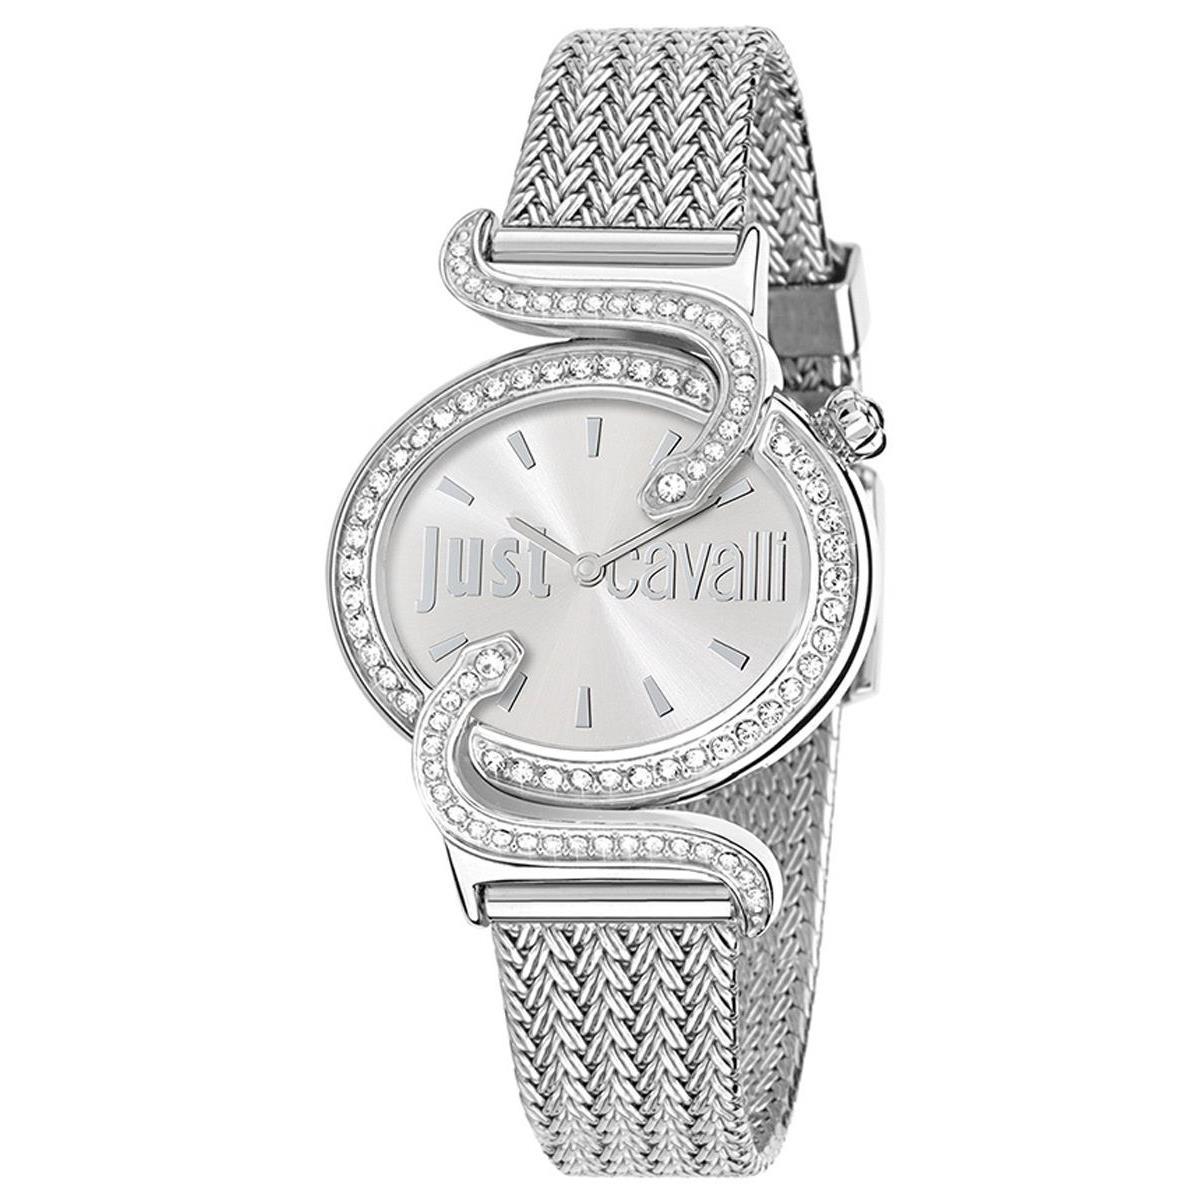 17373a4ad13b Reloj Just Cavalli Mujer R7253591503 RELOJES JUST CAVALLI Ofertas